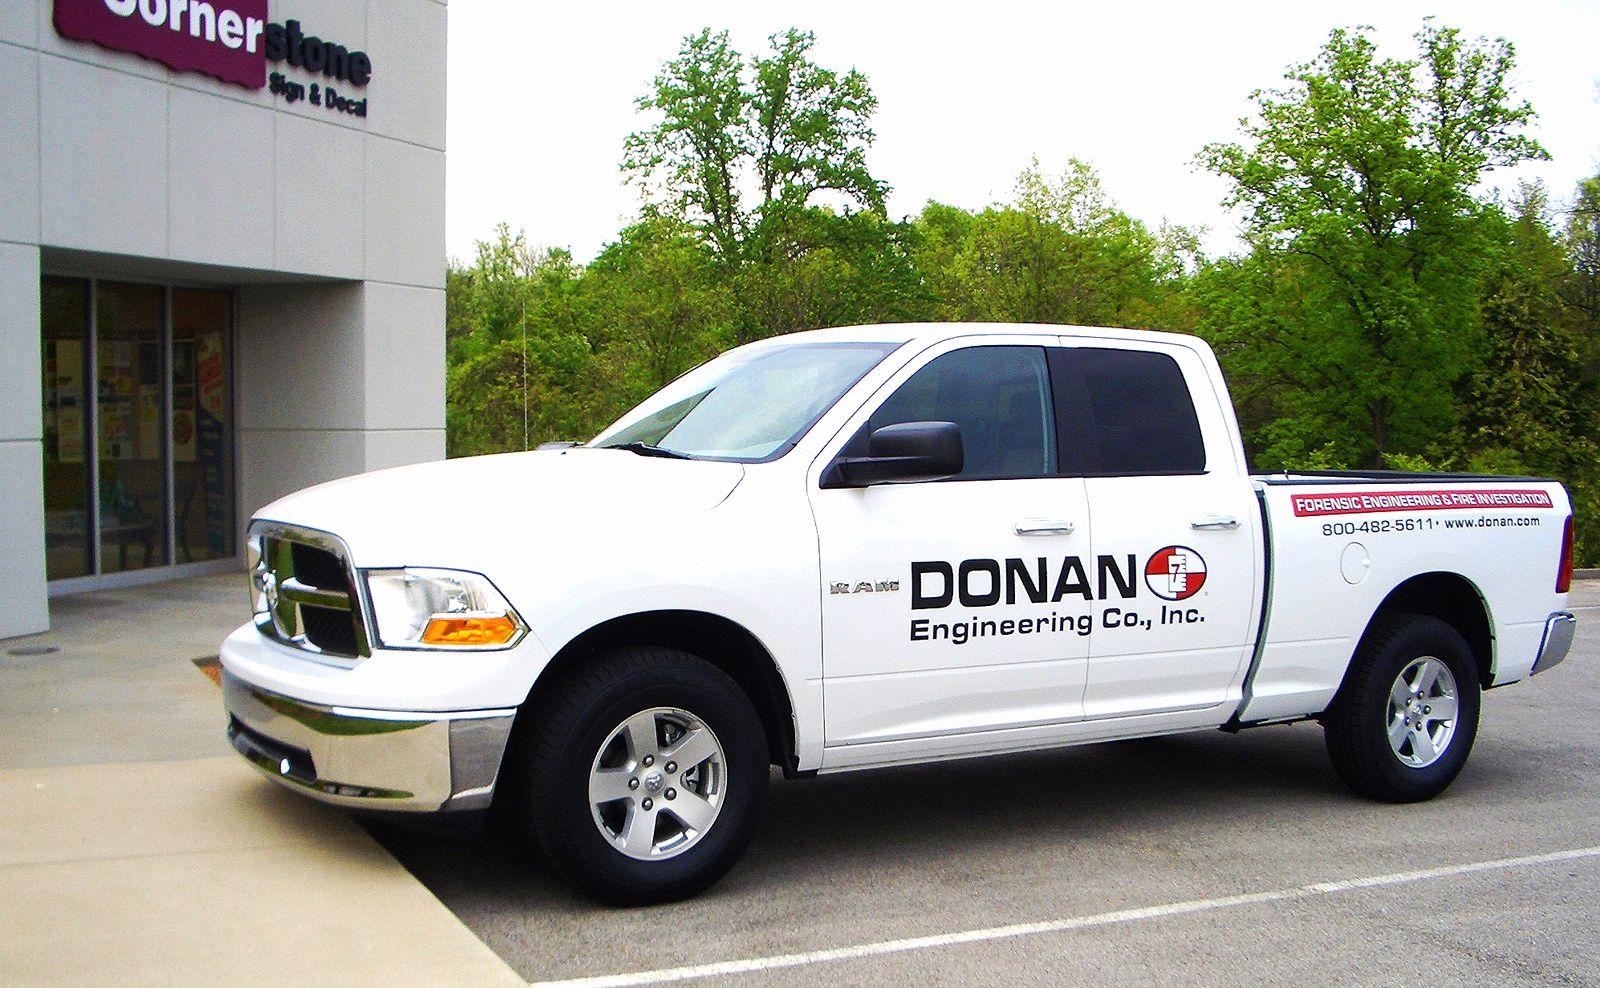 Business Decals For Vans